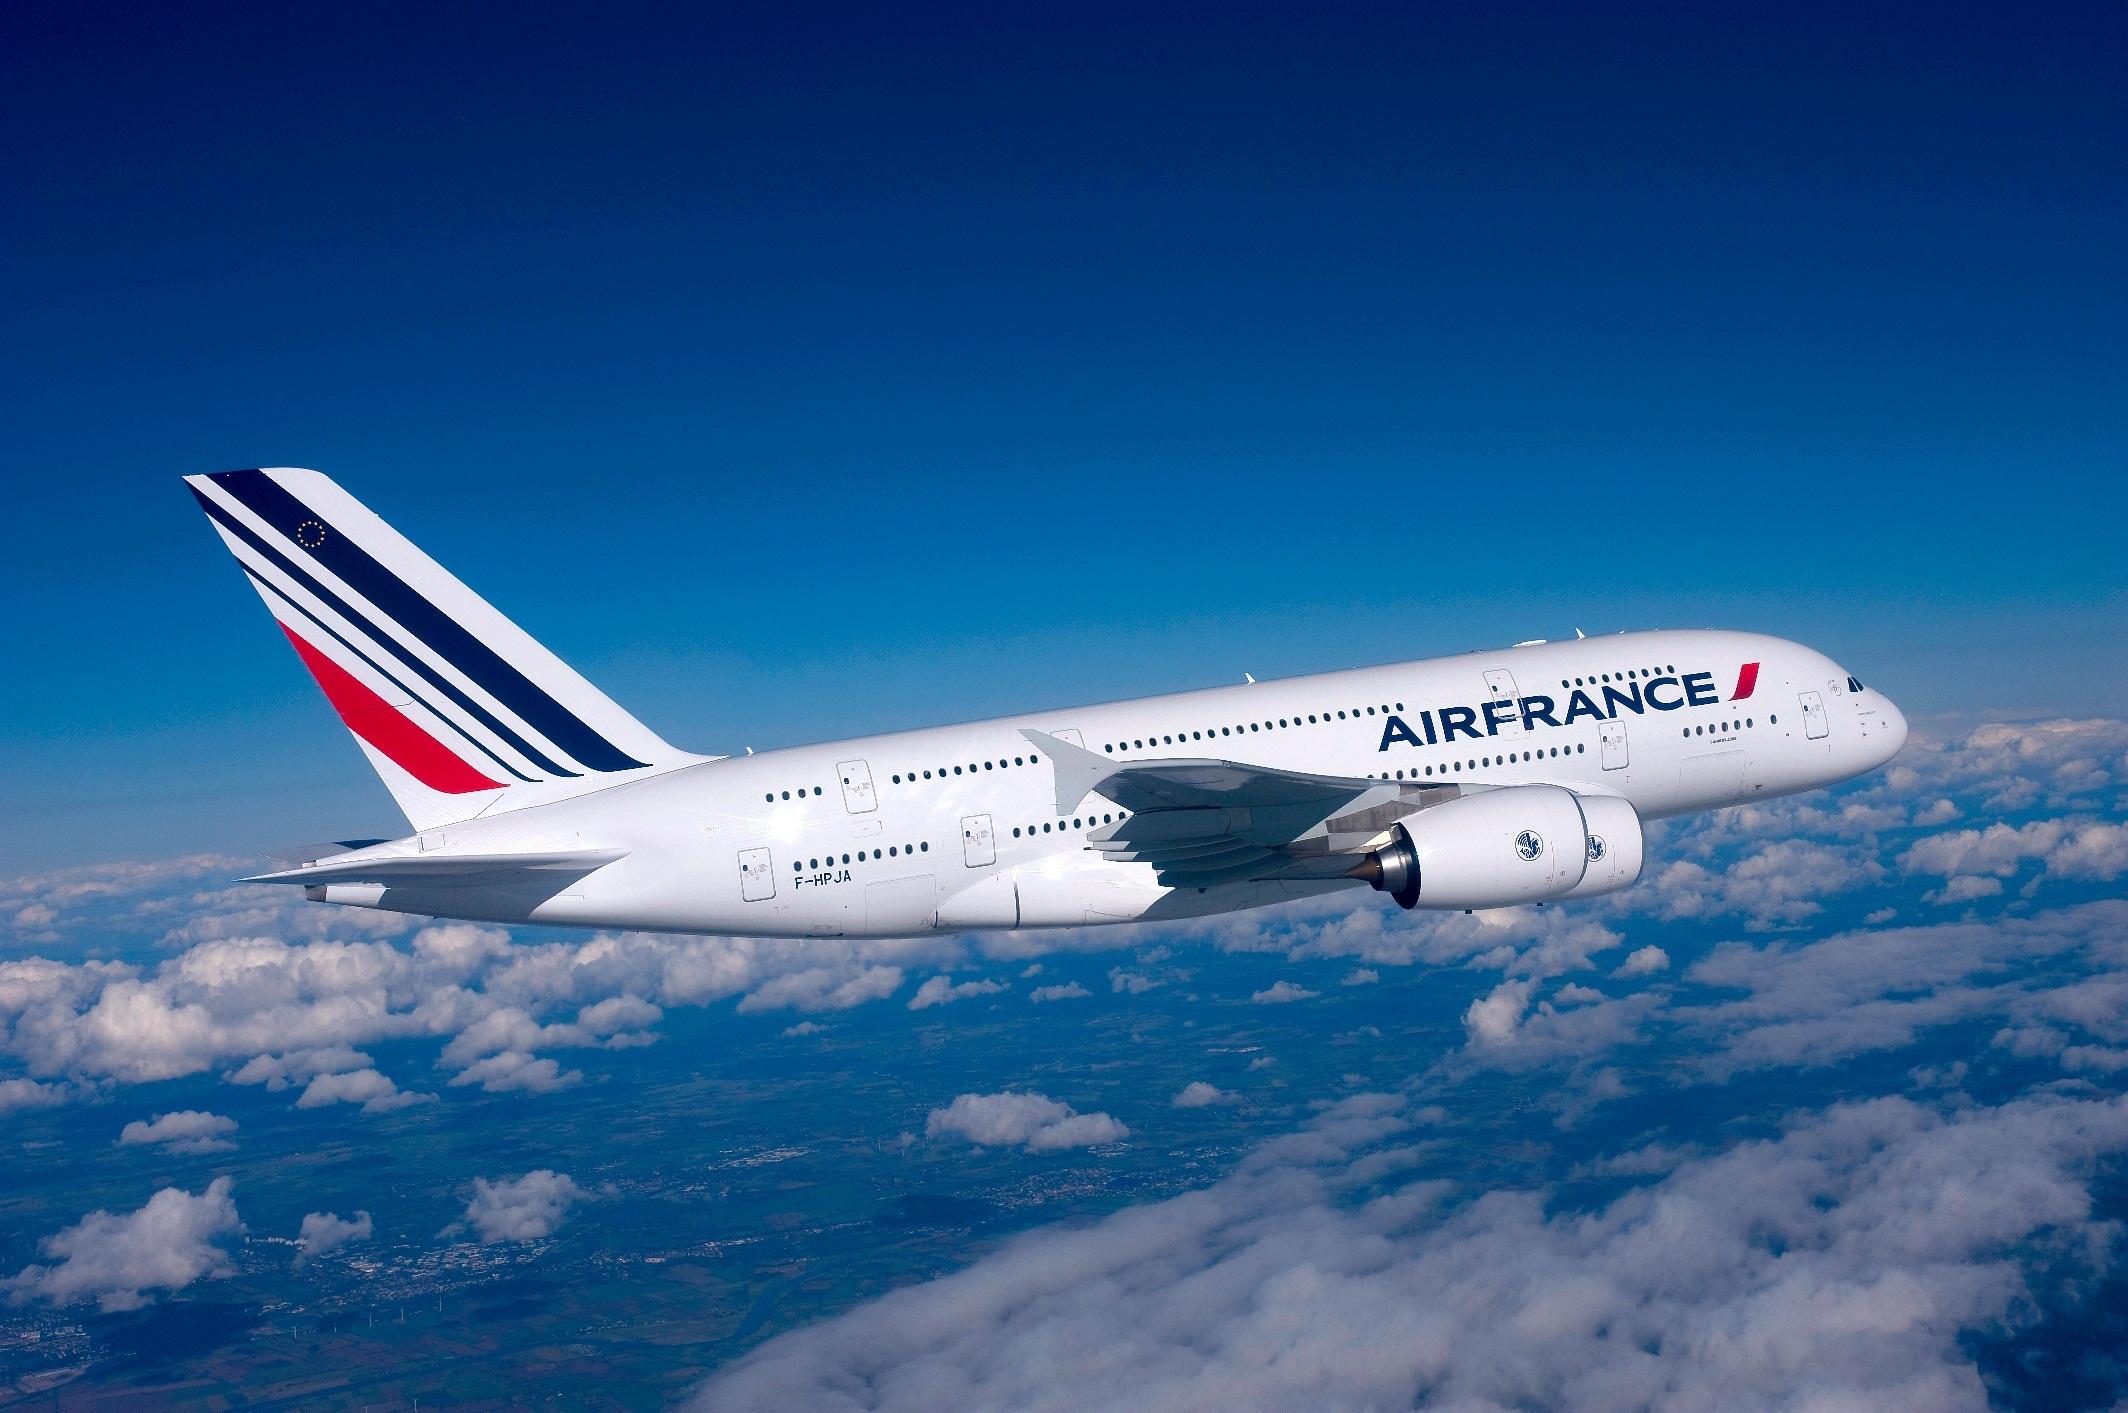 الخطوط الجوية الفرنسية تلغي ربع رحلاتها بسبب الإضراب